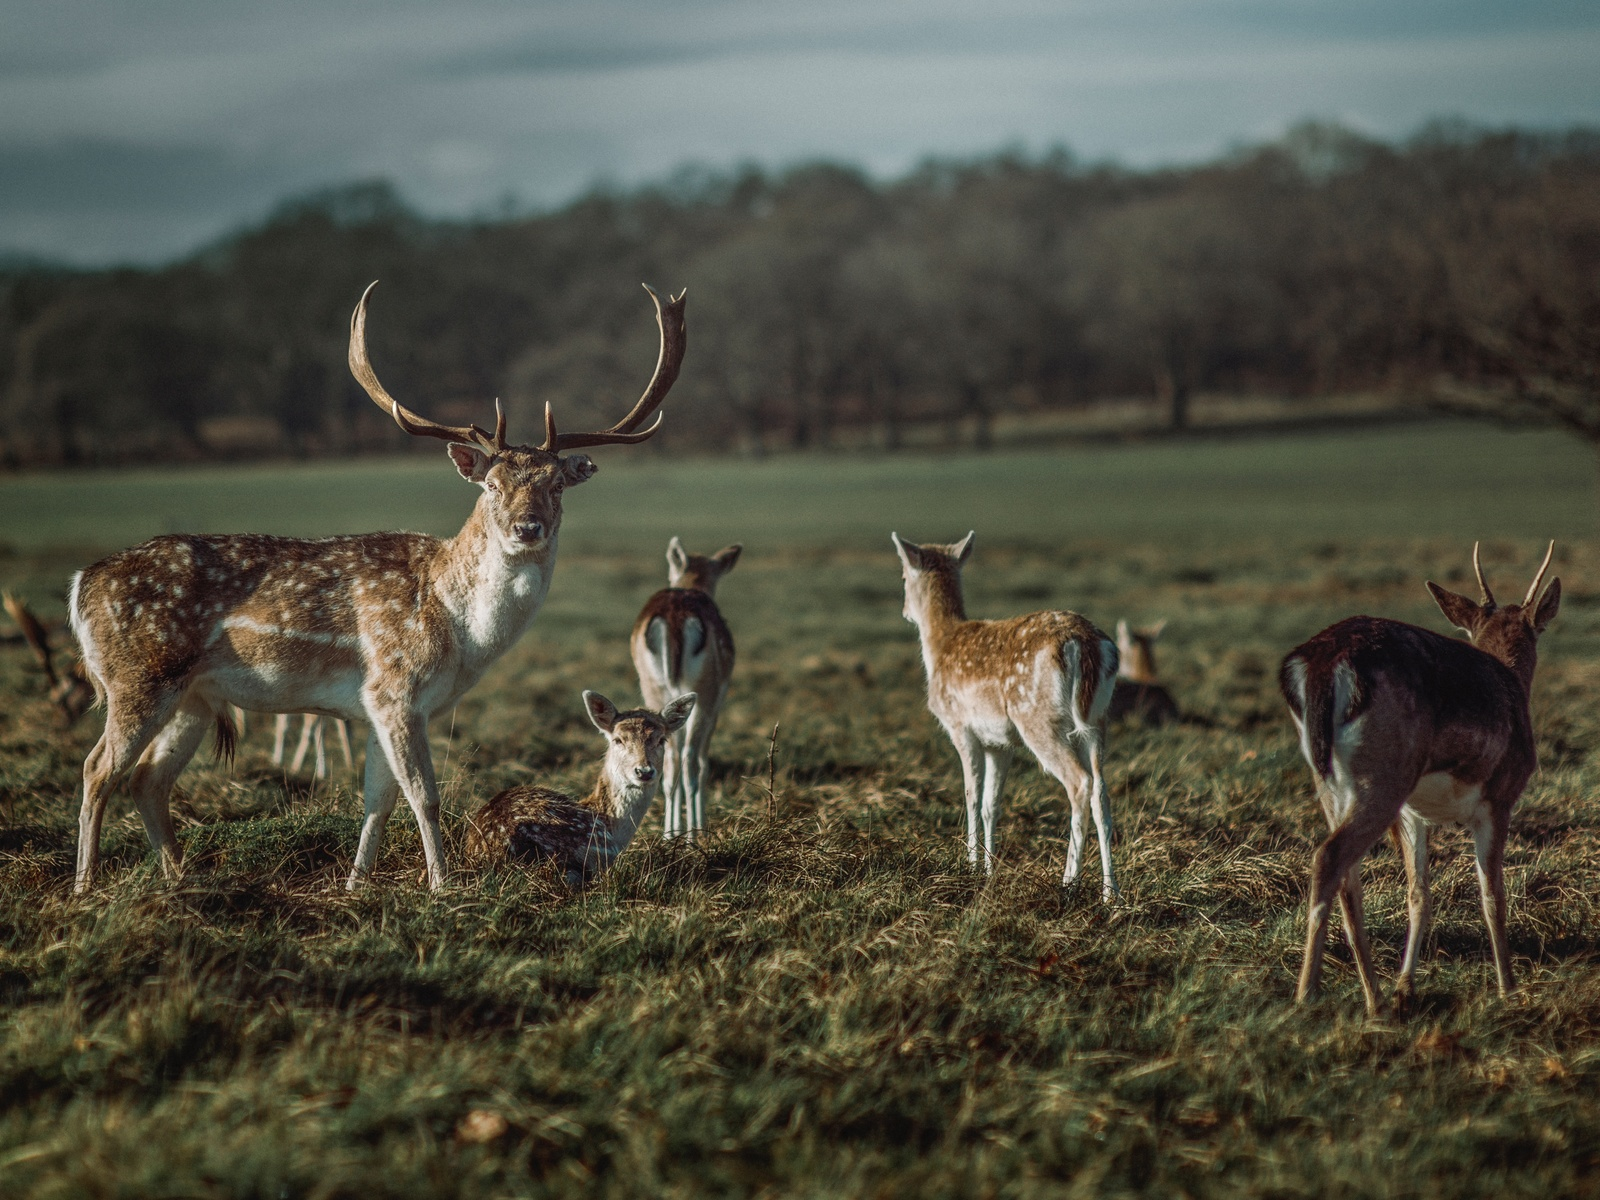 олени, пастбище, поле, природа, рога